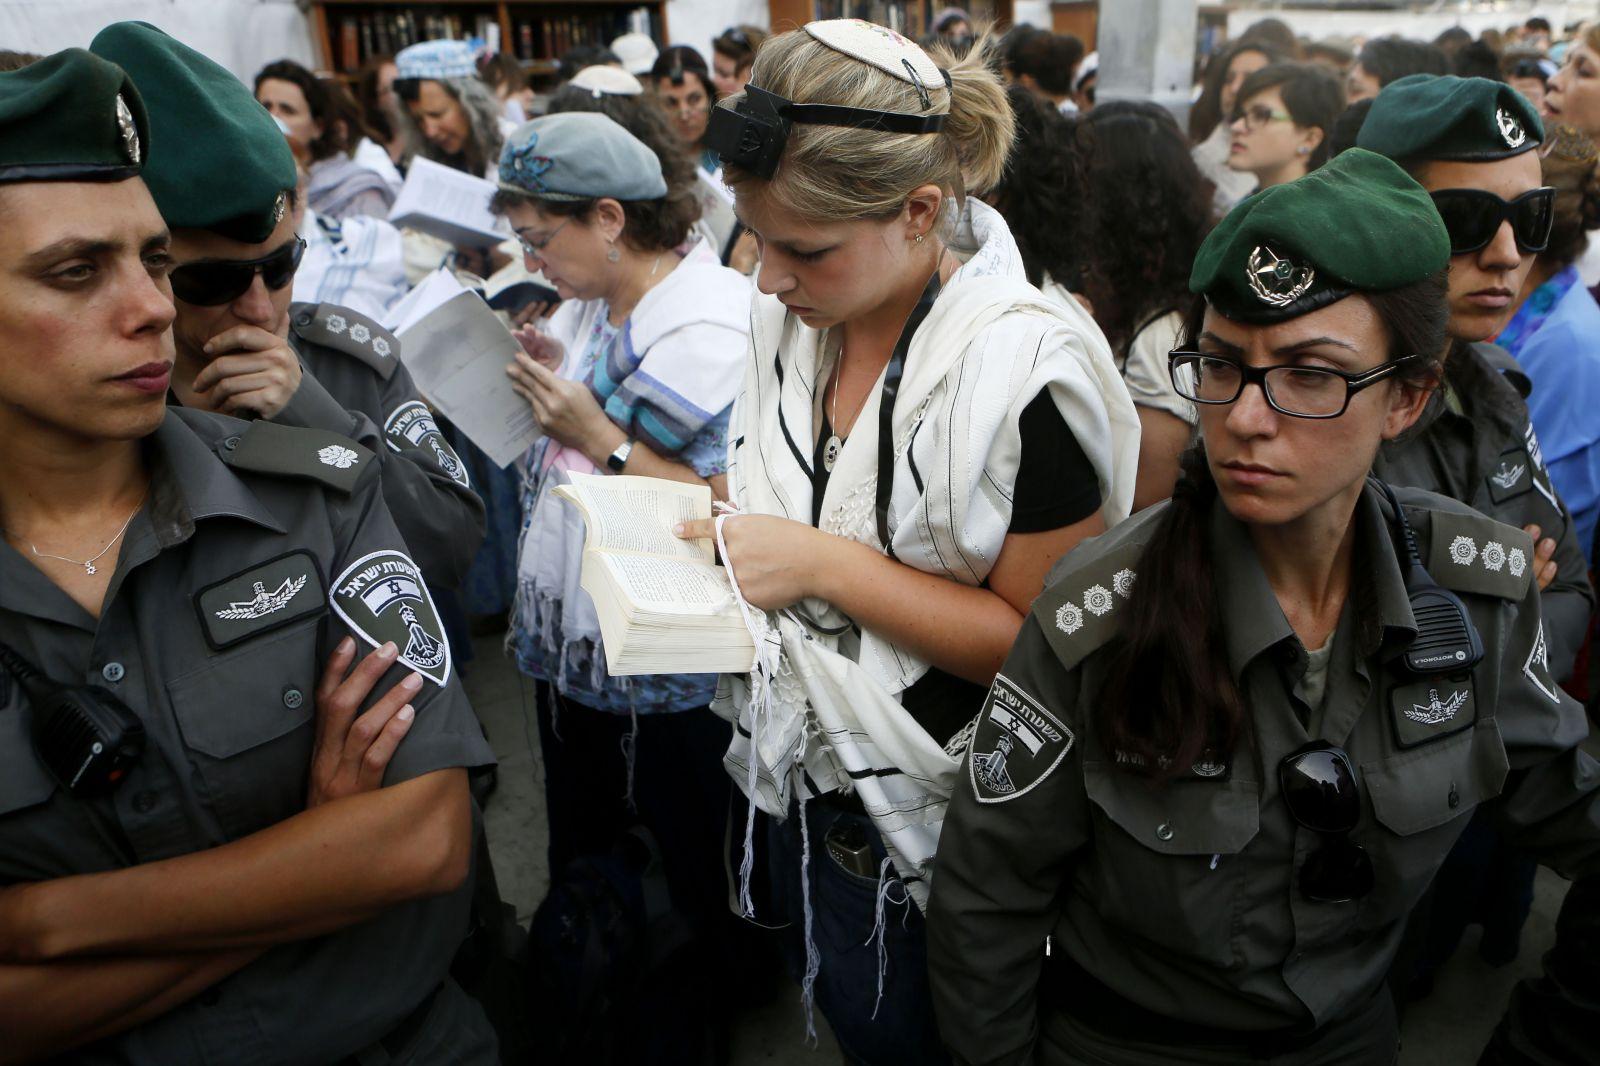 שוטרים שומרים על נשות-הכותל, 9.6.13 (צילום: מרים אלסטר)